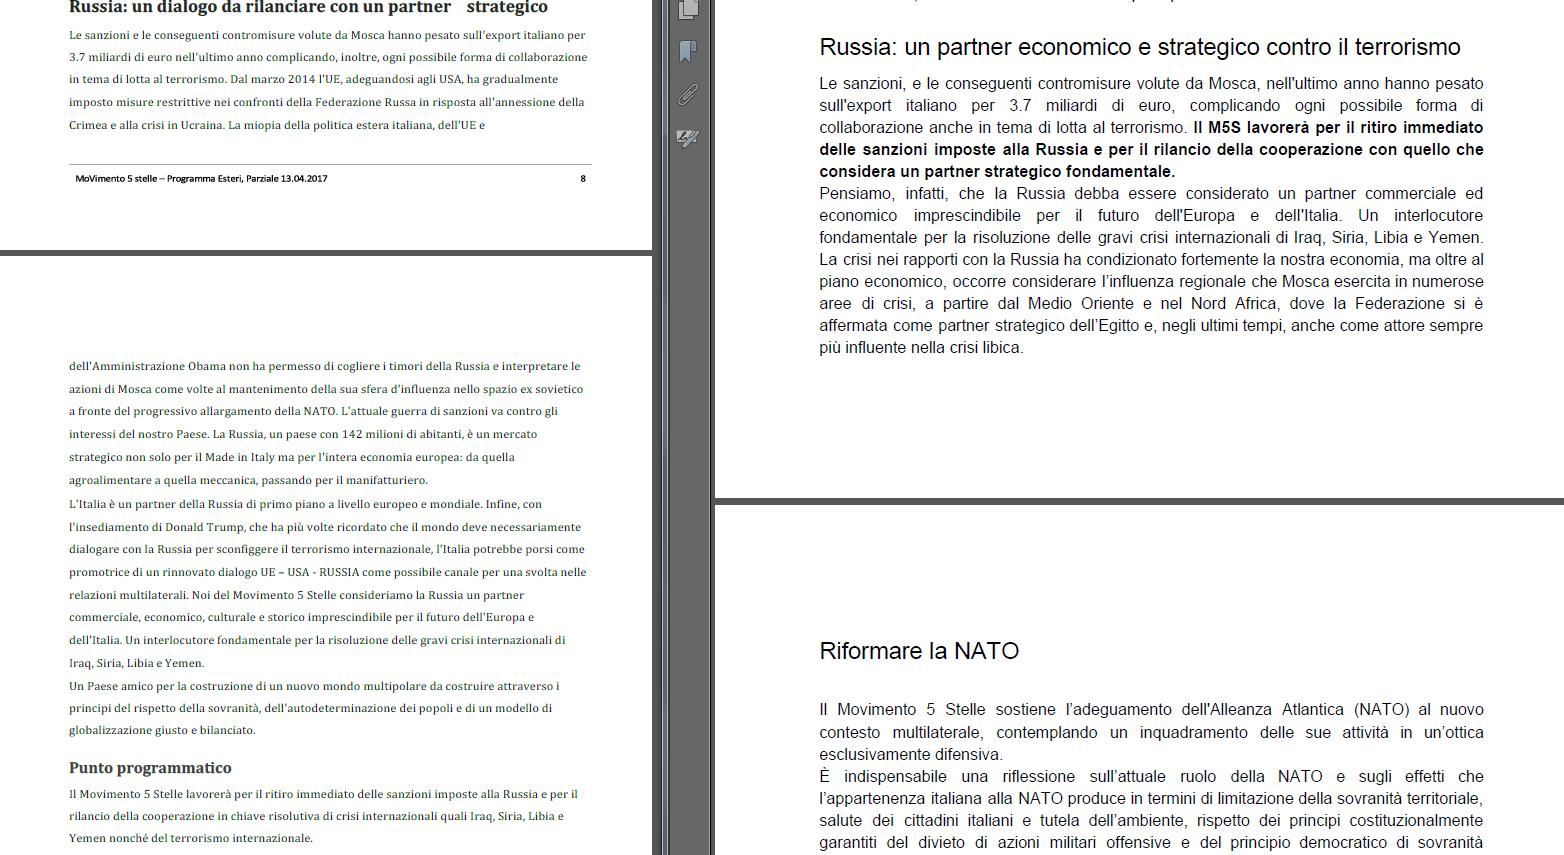 programma m5s cambiato voto blog rousseau russia filorusso - 2